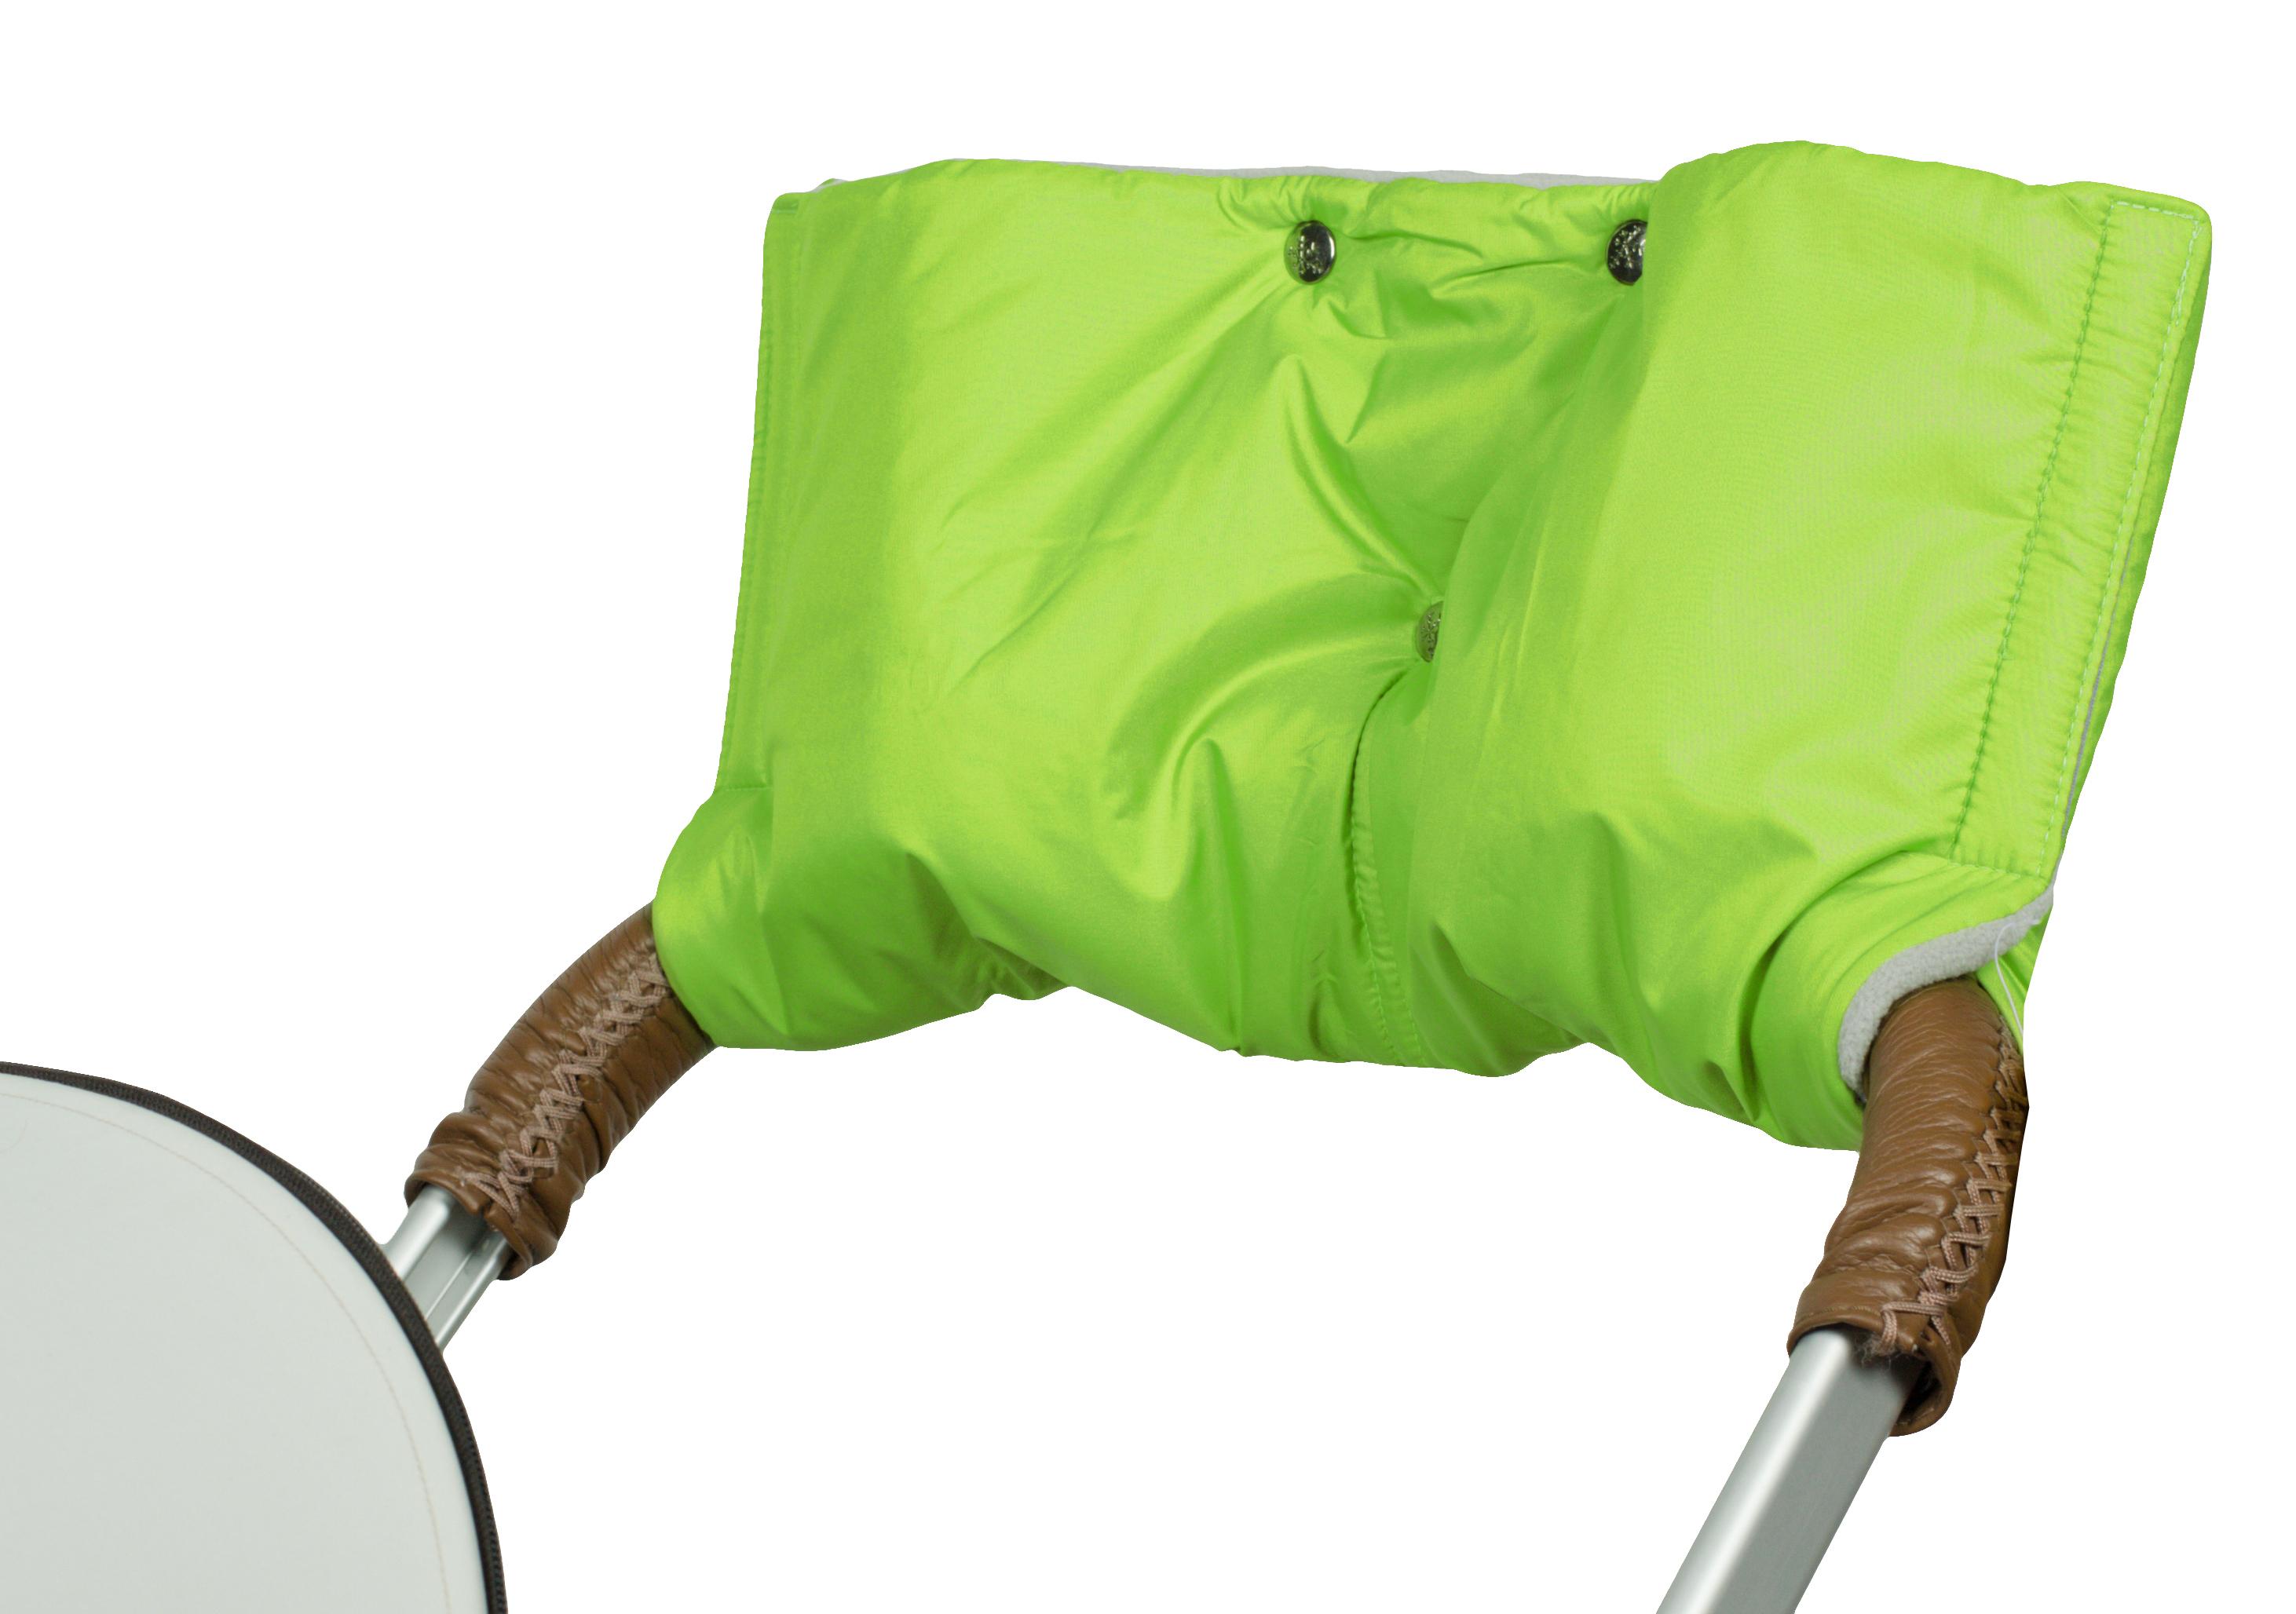 Аксессуар для колясок Чудо-Чадо Муфта для рук на коляску флисовая (на липучке), МКФ04-001 зеленый муфта tigger warmhands на ручку коляски